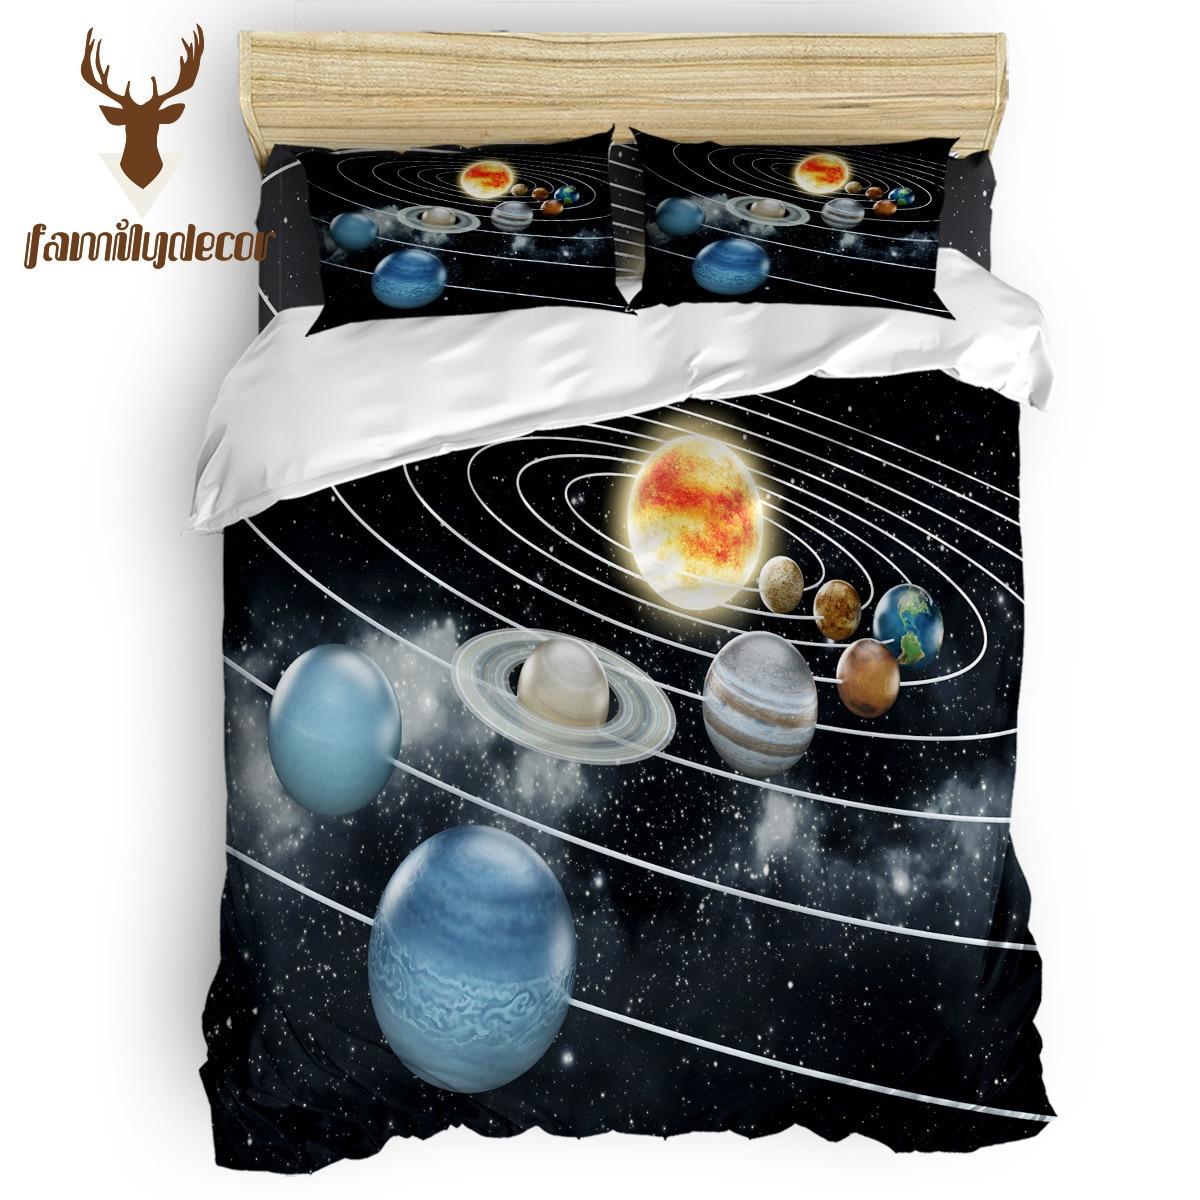 Famille décor planète système solaire espace Alien housse de couette literie 4 pièces ensembles de literie saint-Patrick matelassé couette ensemble